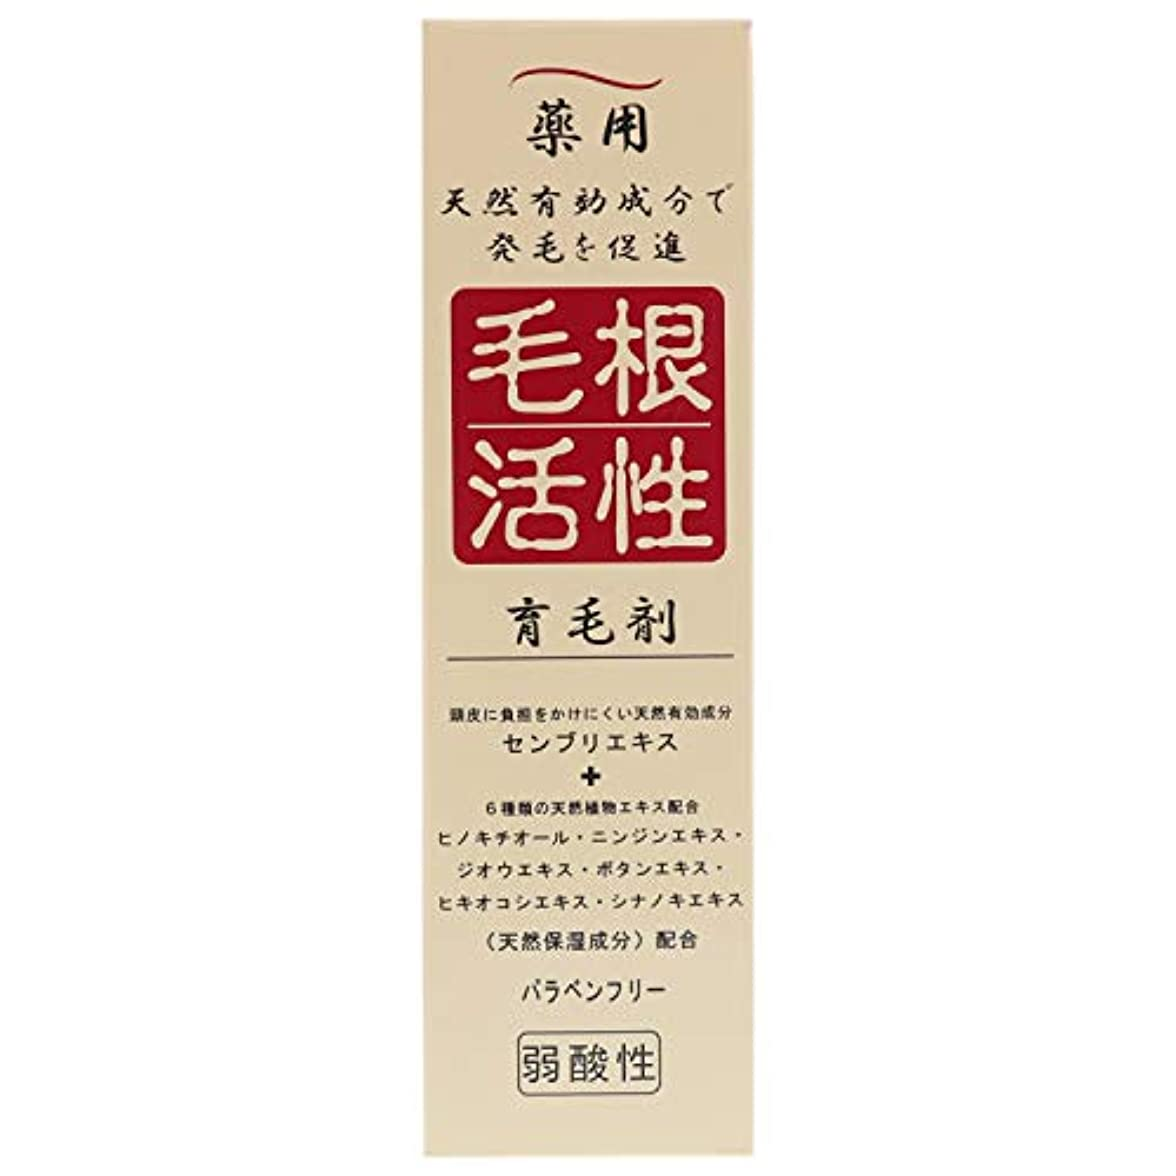 設計図石初心者薬用毛根活性育毛剤 150ml